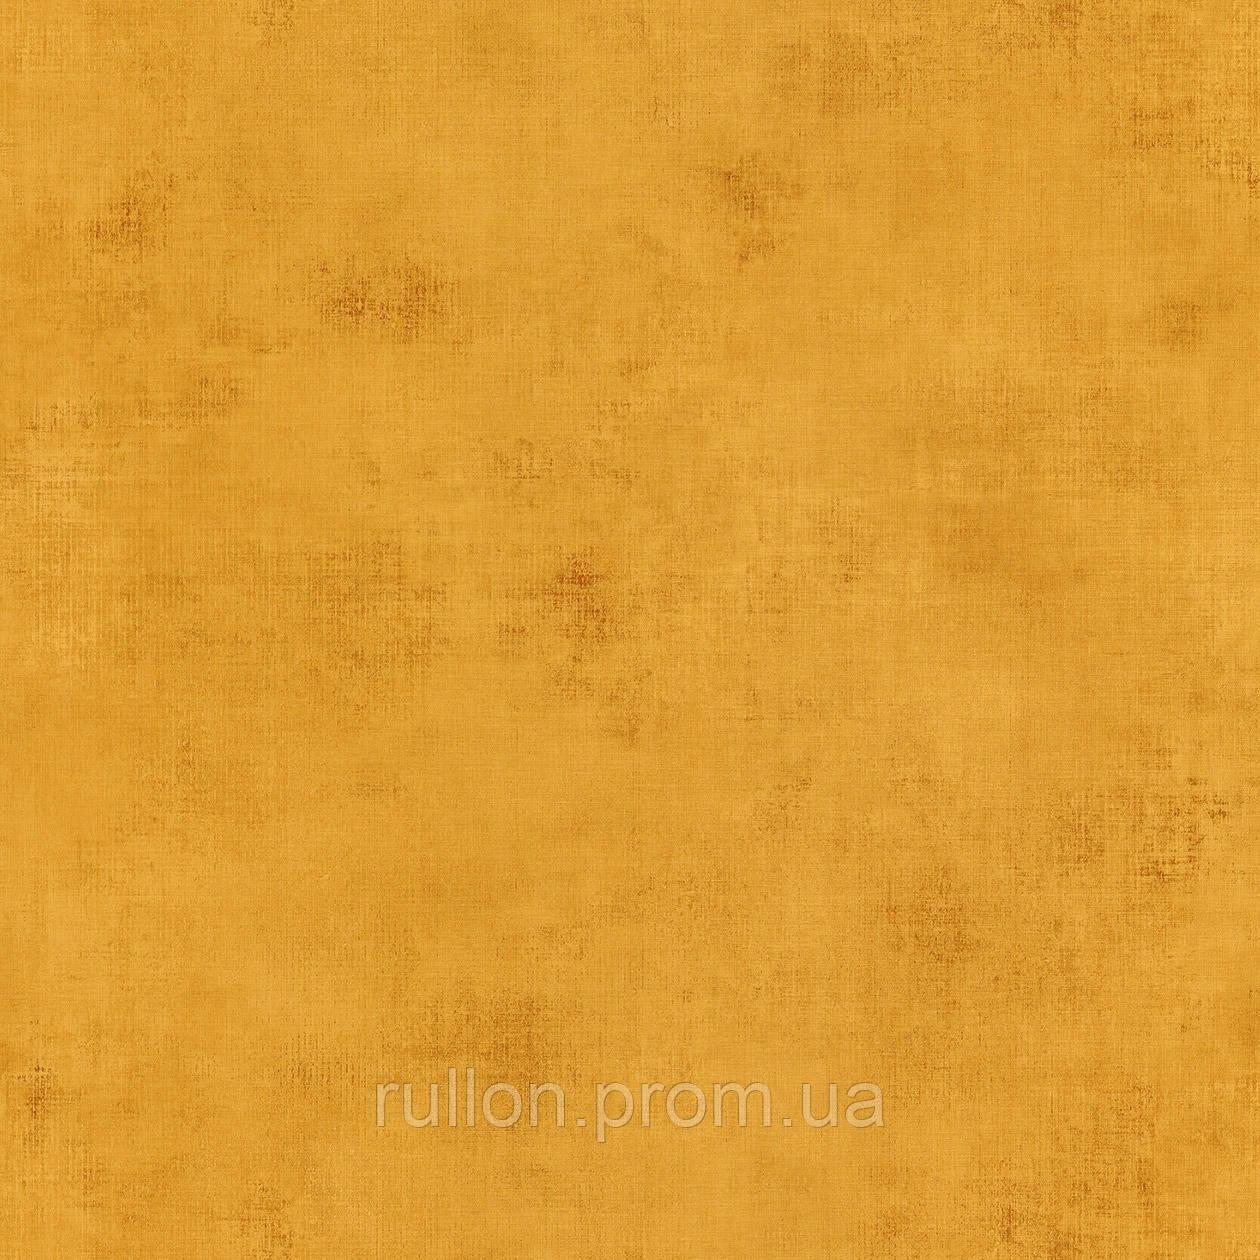 Обои Caselio TELAS 69872599 (Флизелиновые, оранжевые)